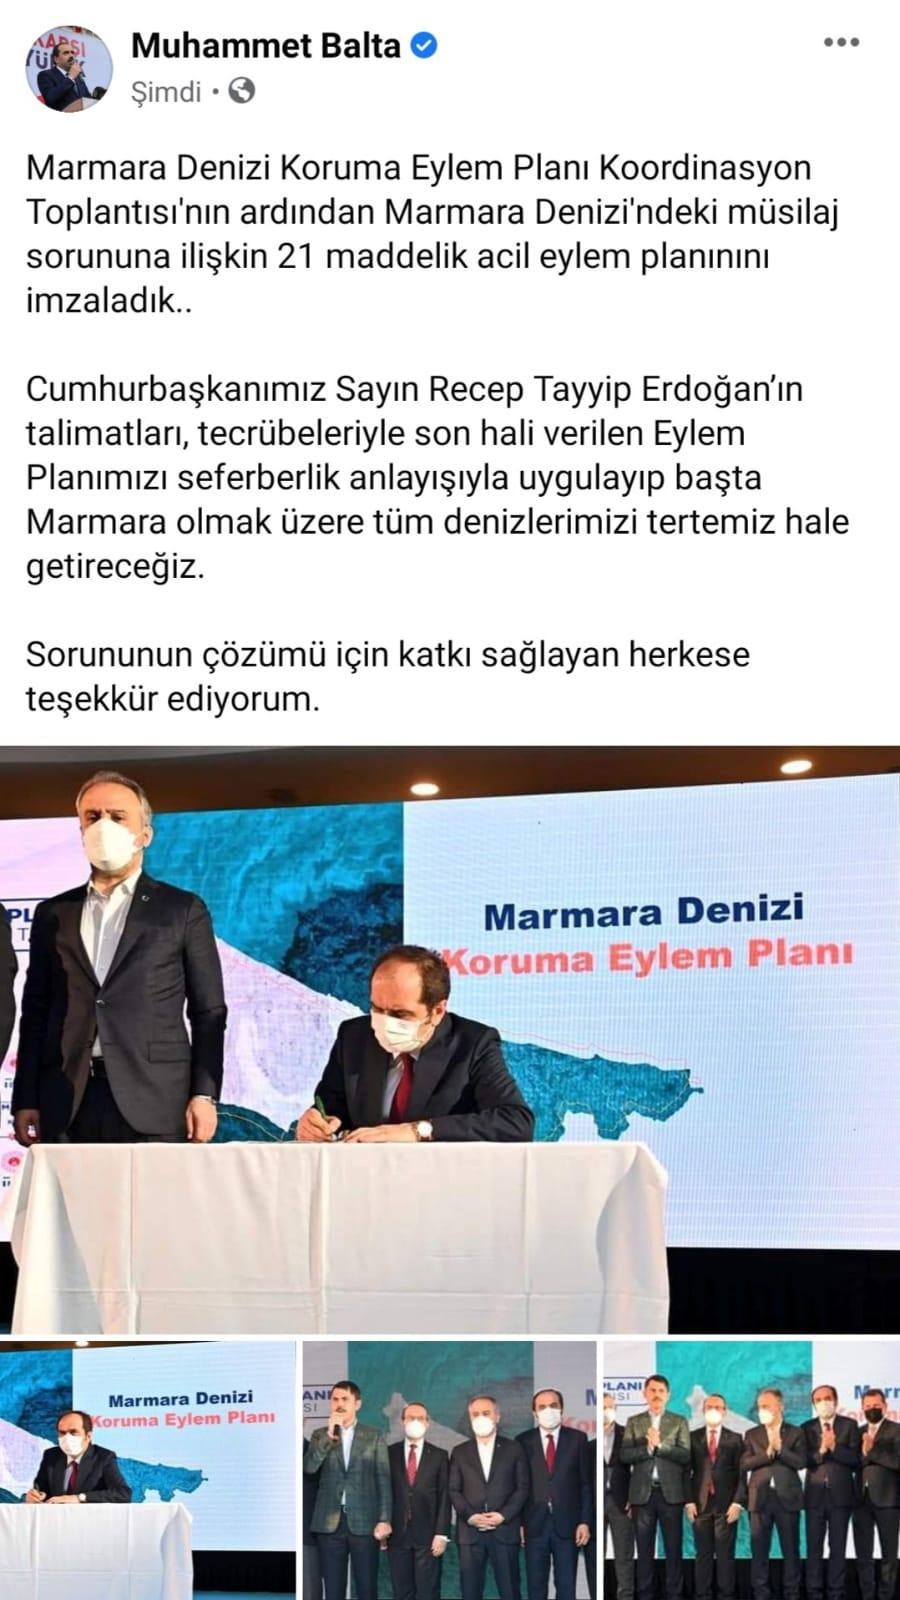 Trabzon Milletvekili açıkladı! Müsilaj sorununda imzalar atıldı